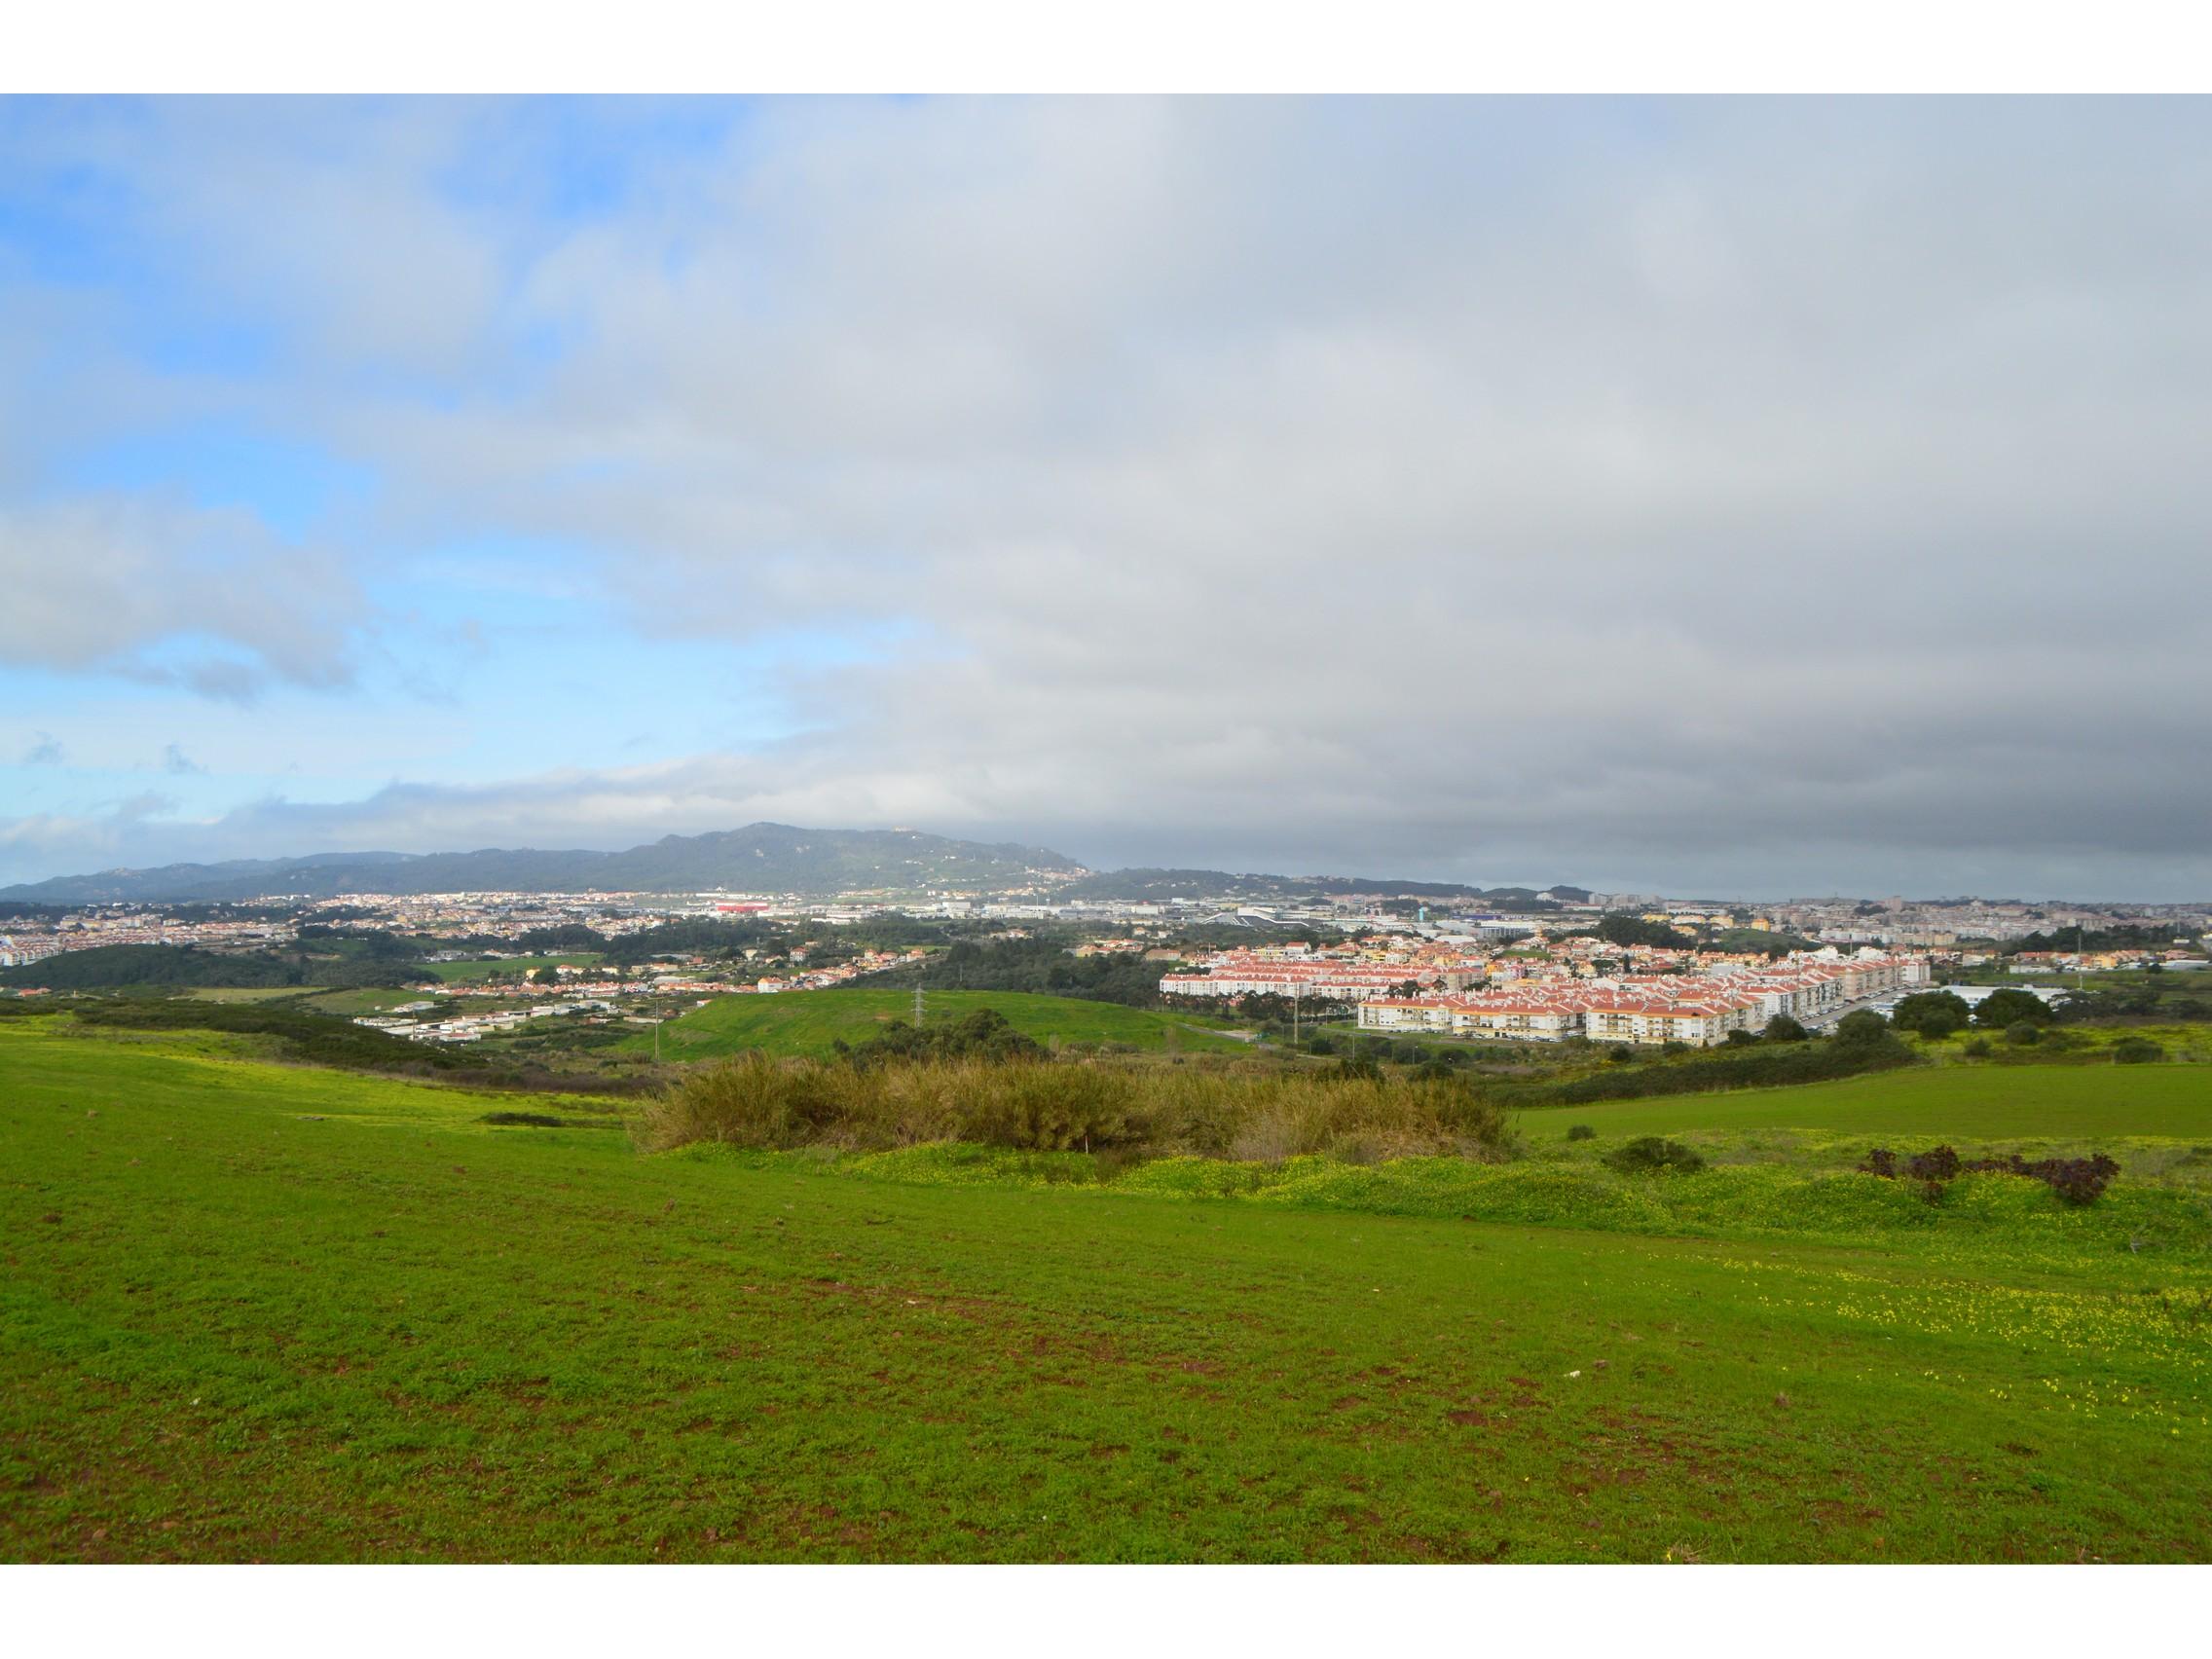 Publicado o Regulamento Municipal de Disponibilização de Terrenos para Utilização Agrícola, Florestal ou Silvopastoril de Sintra